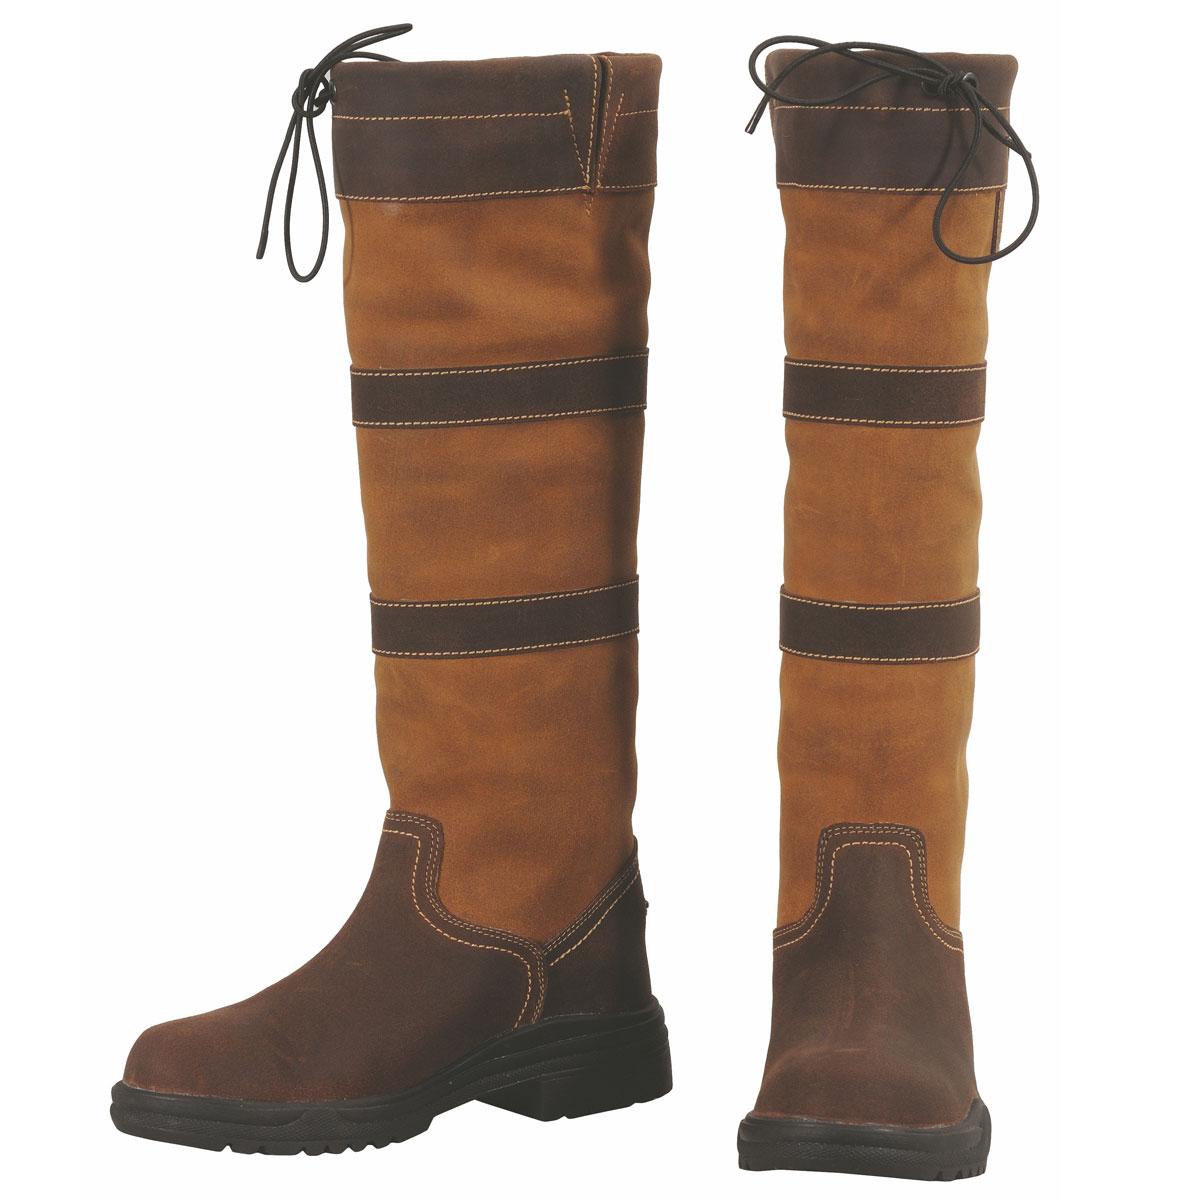 Children's Lexington Waterproof Tall Boots